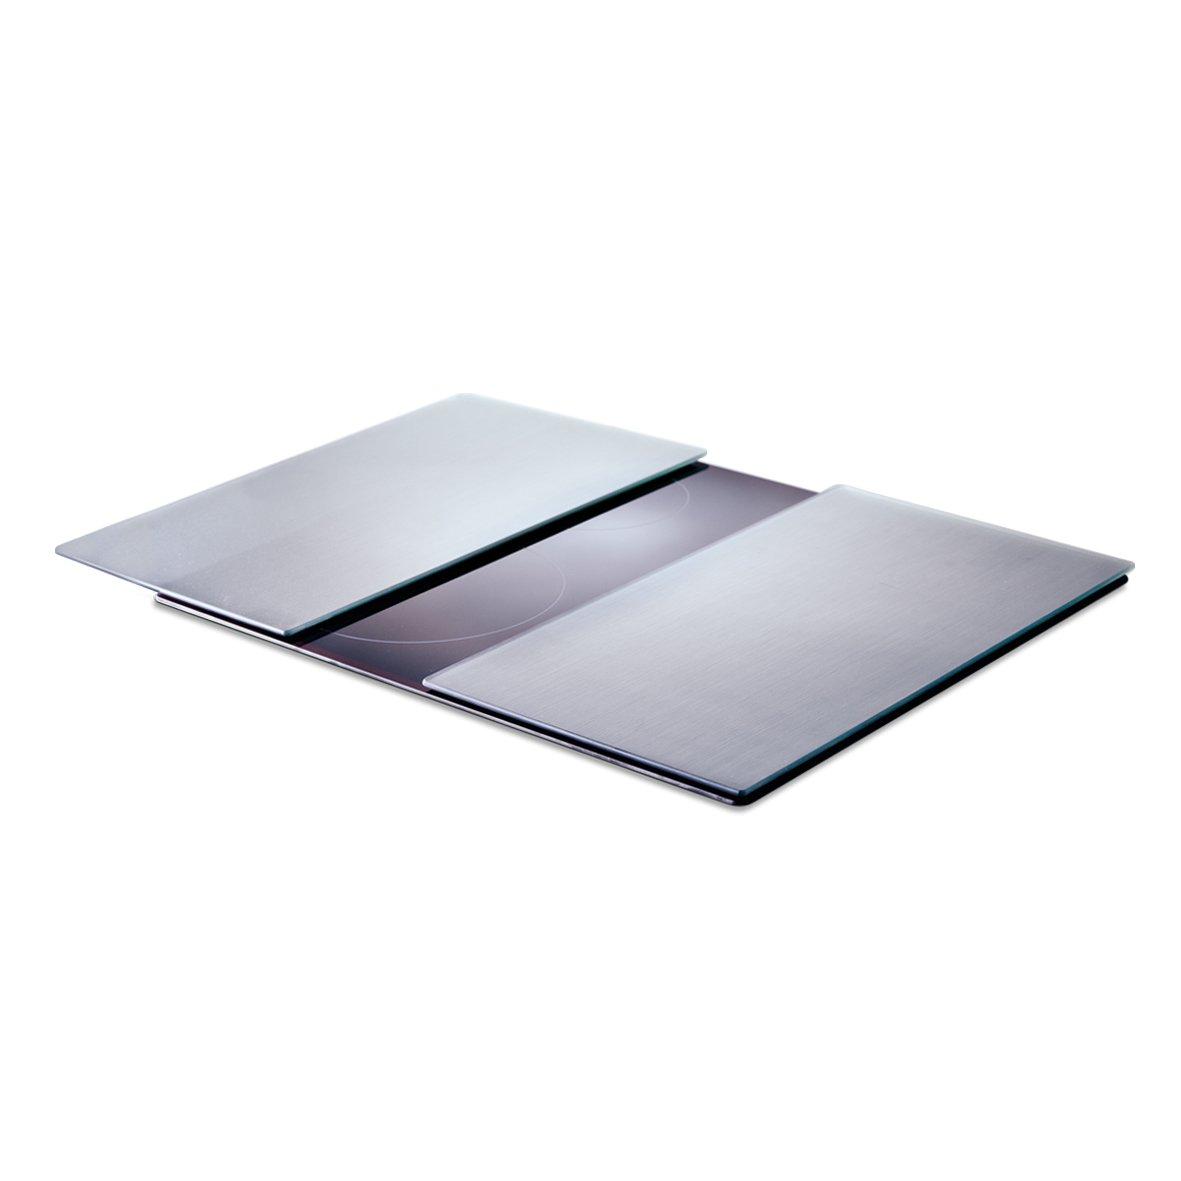 Amazon.com: Zeller - Tabla de cortar (2 unidades), color ...